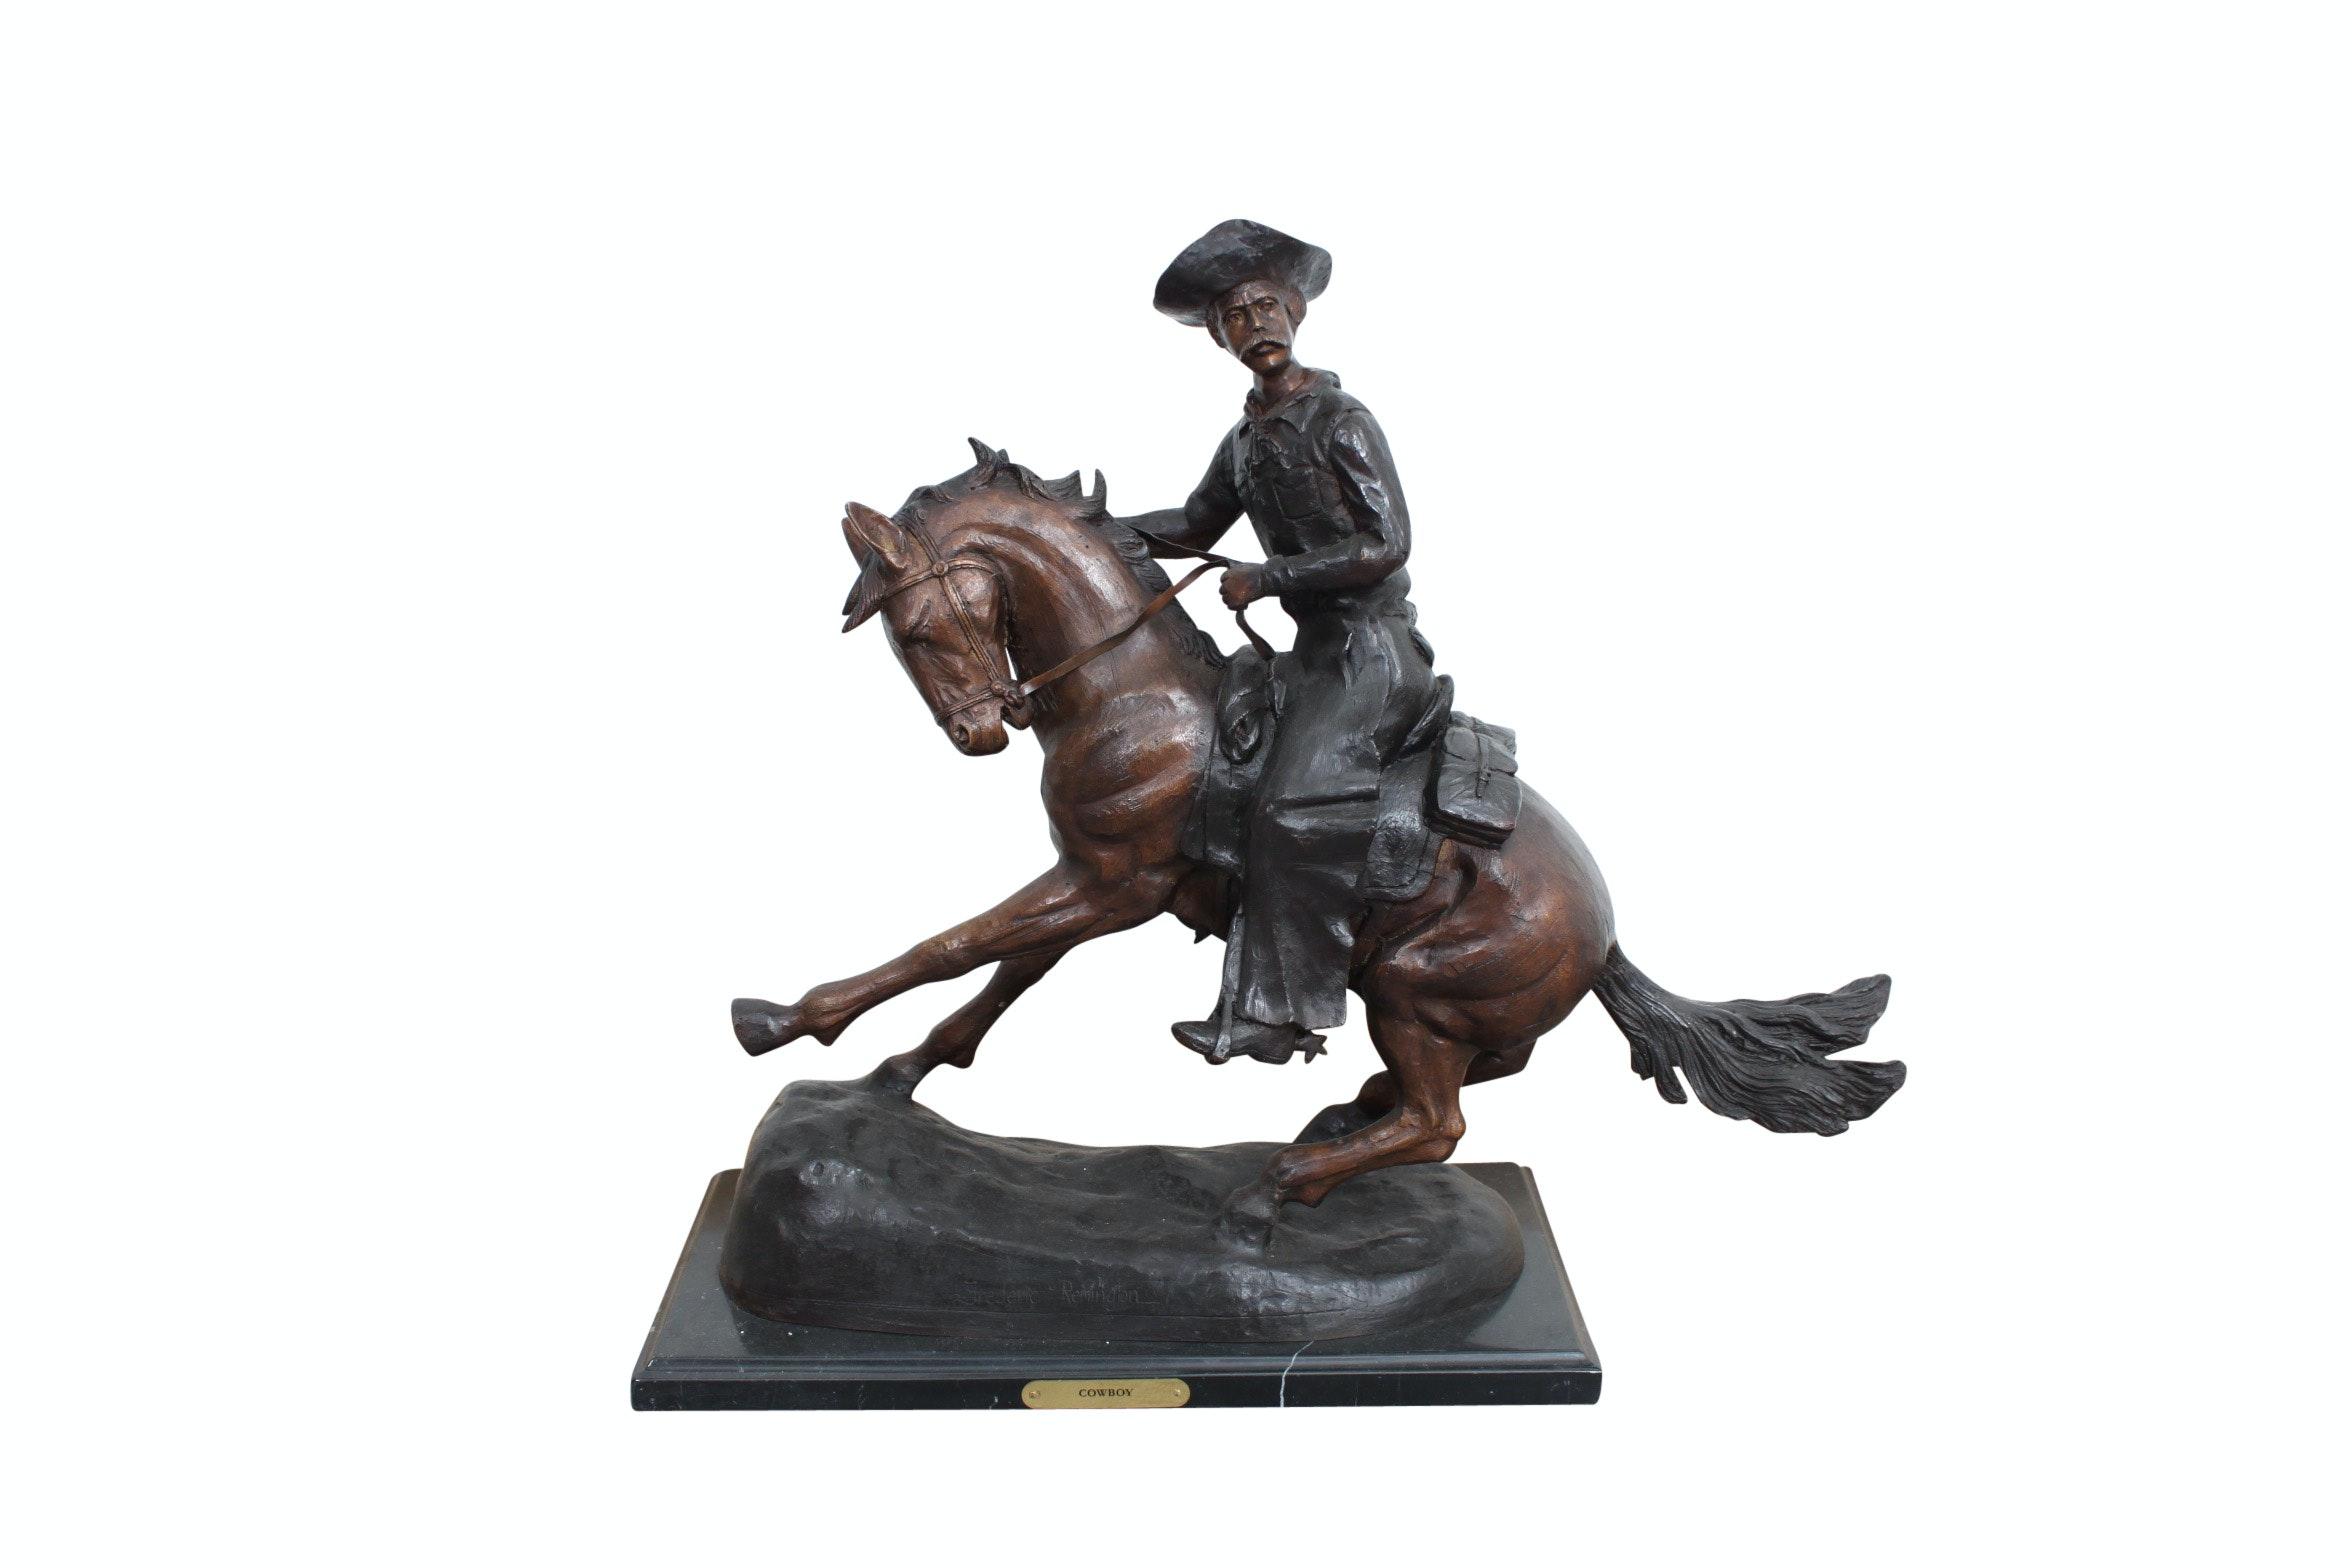 """Bronze Sculpture After Frederic Remington """"The Cowboy"""""""